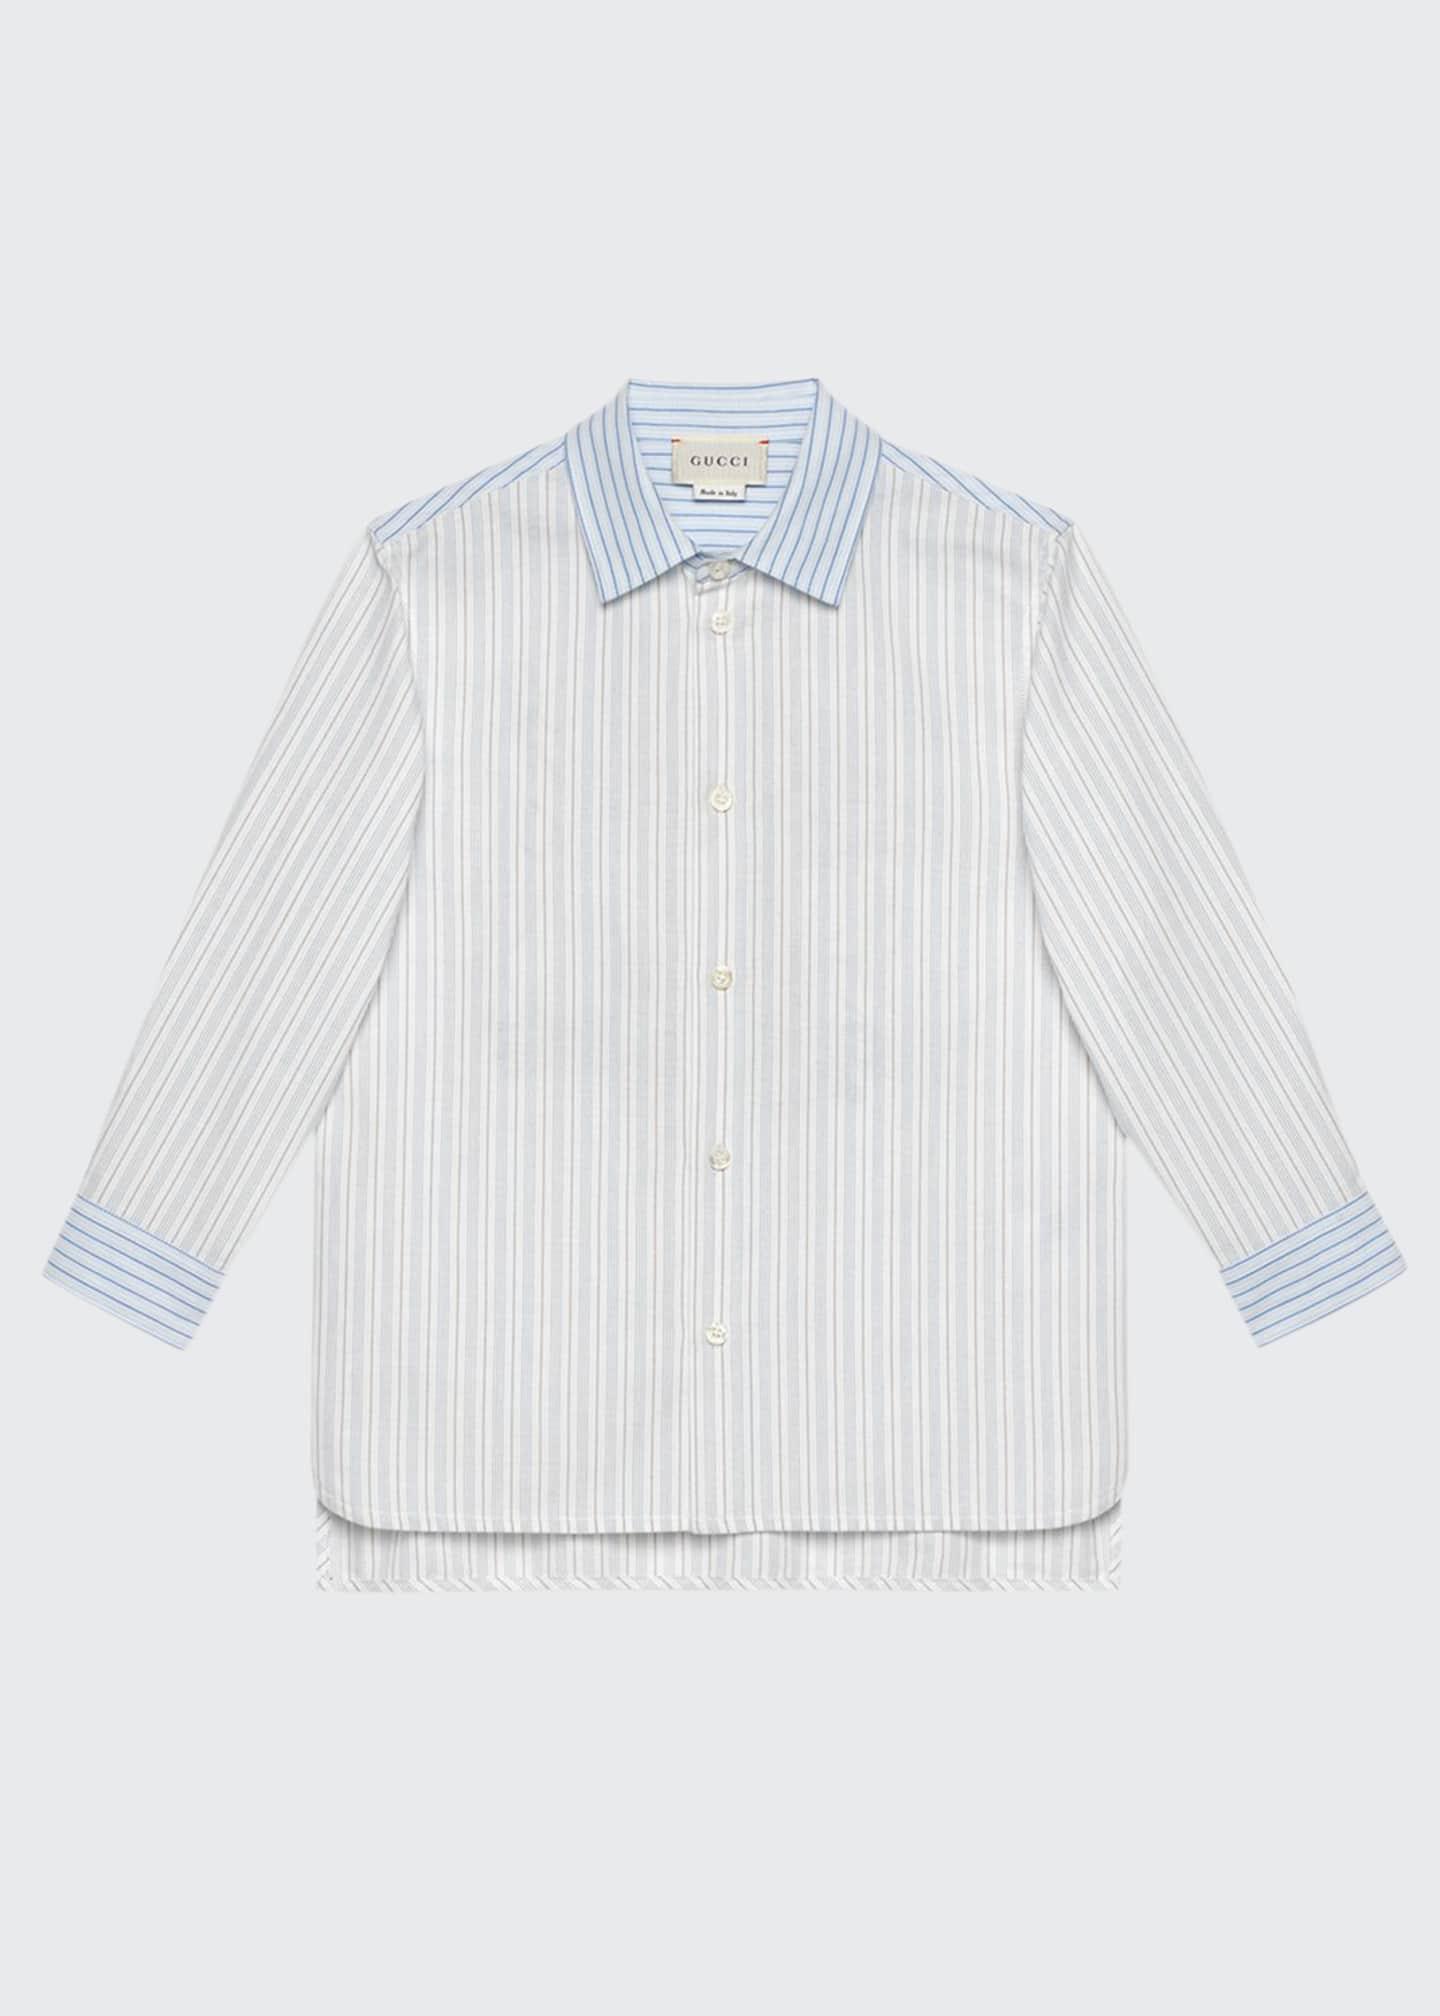 Gucci Multi Oxford Stripe Button-Down Shirt w/ Maison